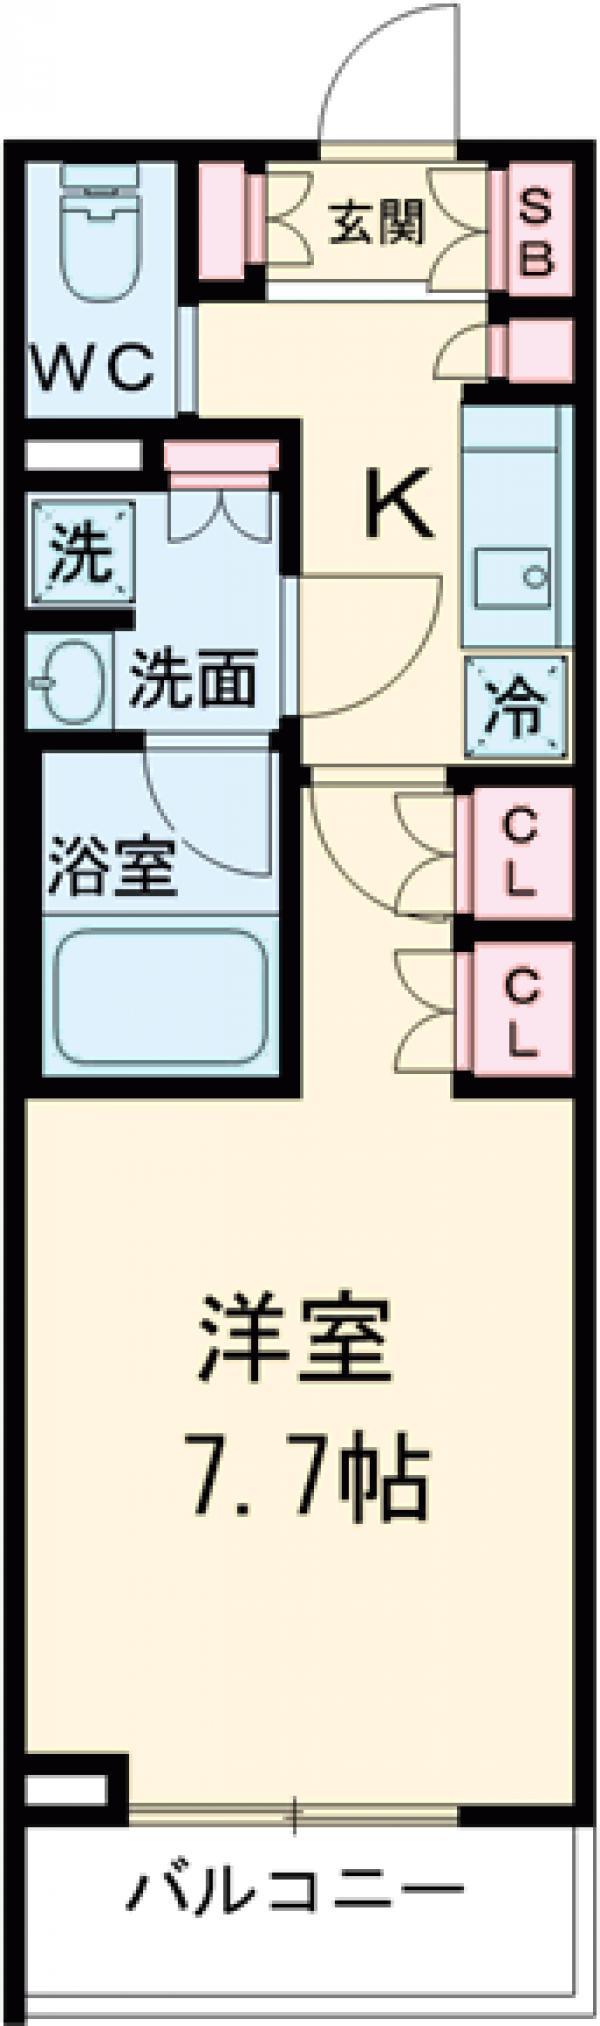 ブライズ世田谷桜・308号室の間取り